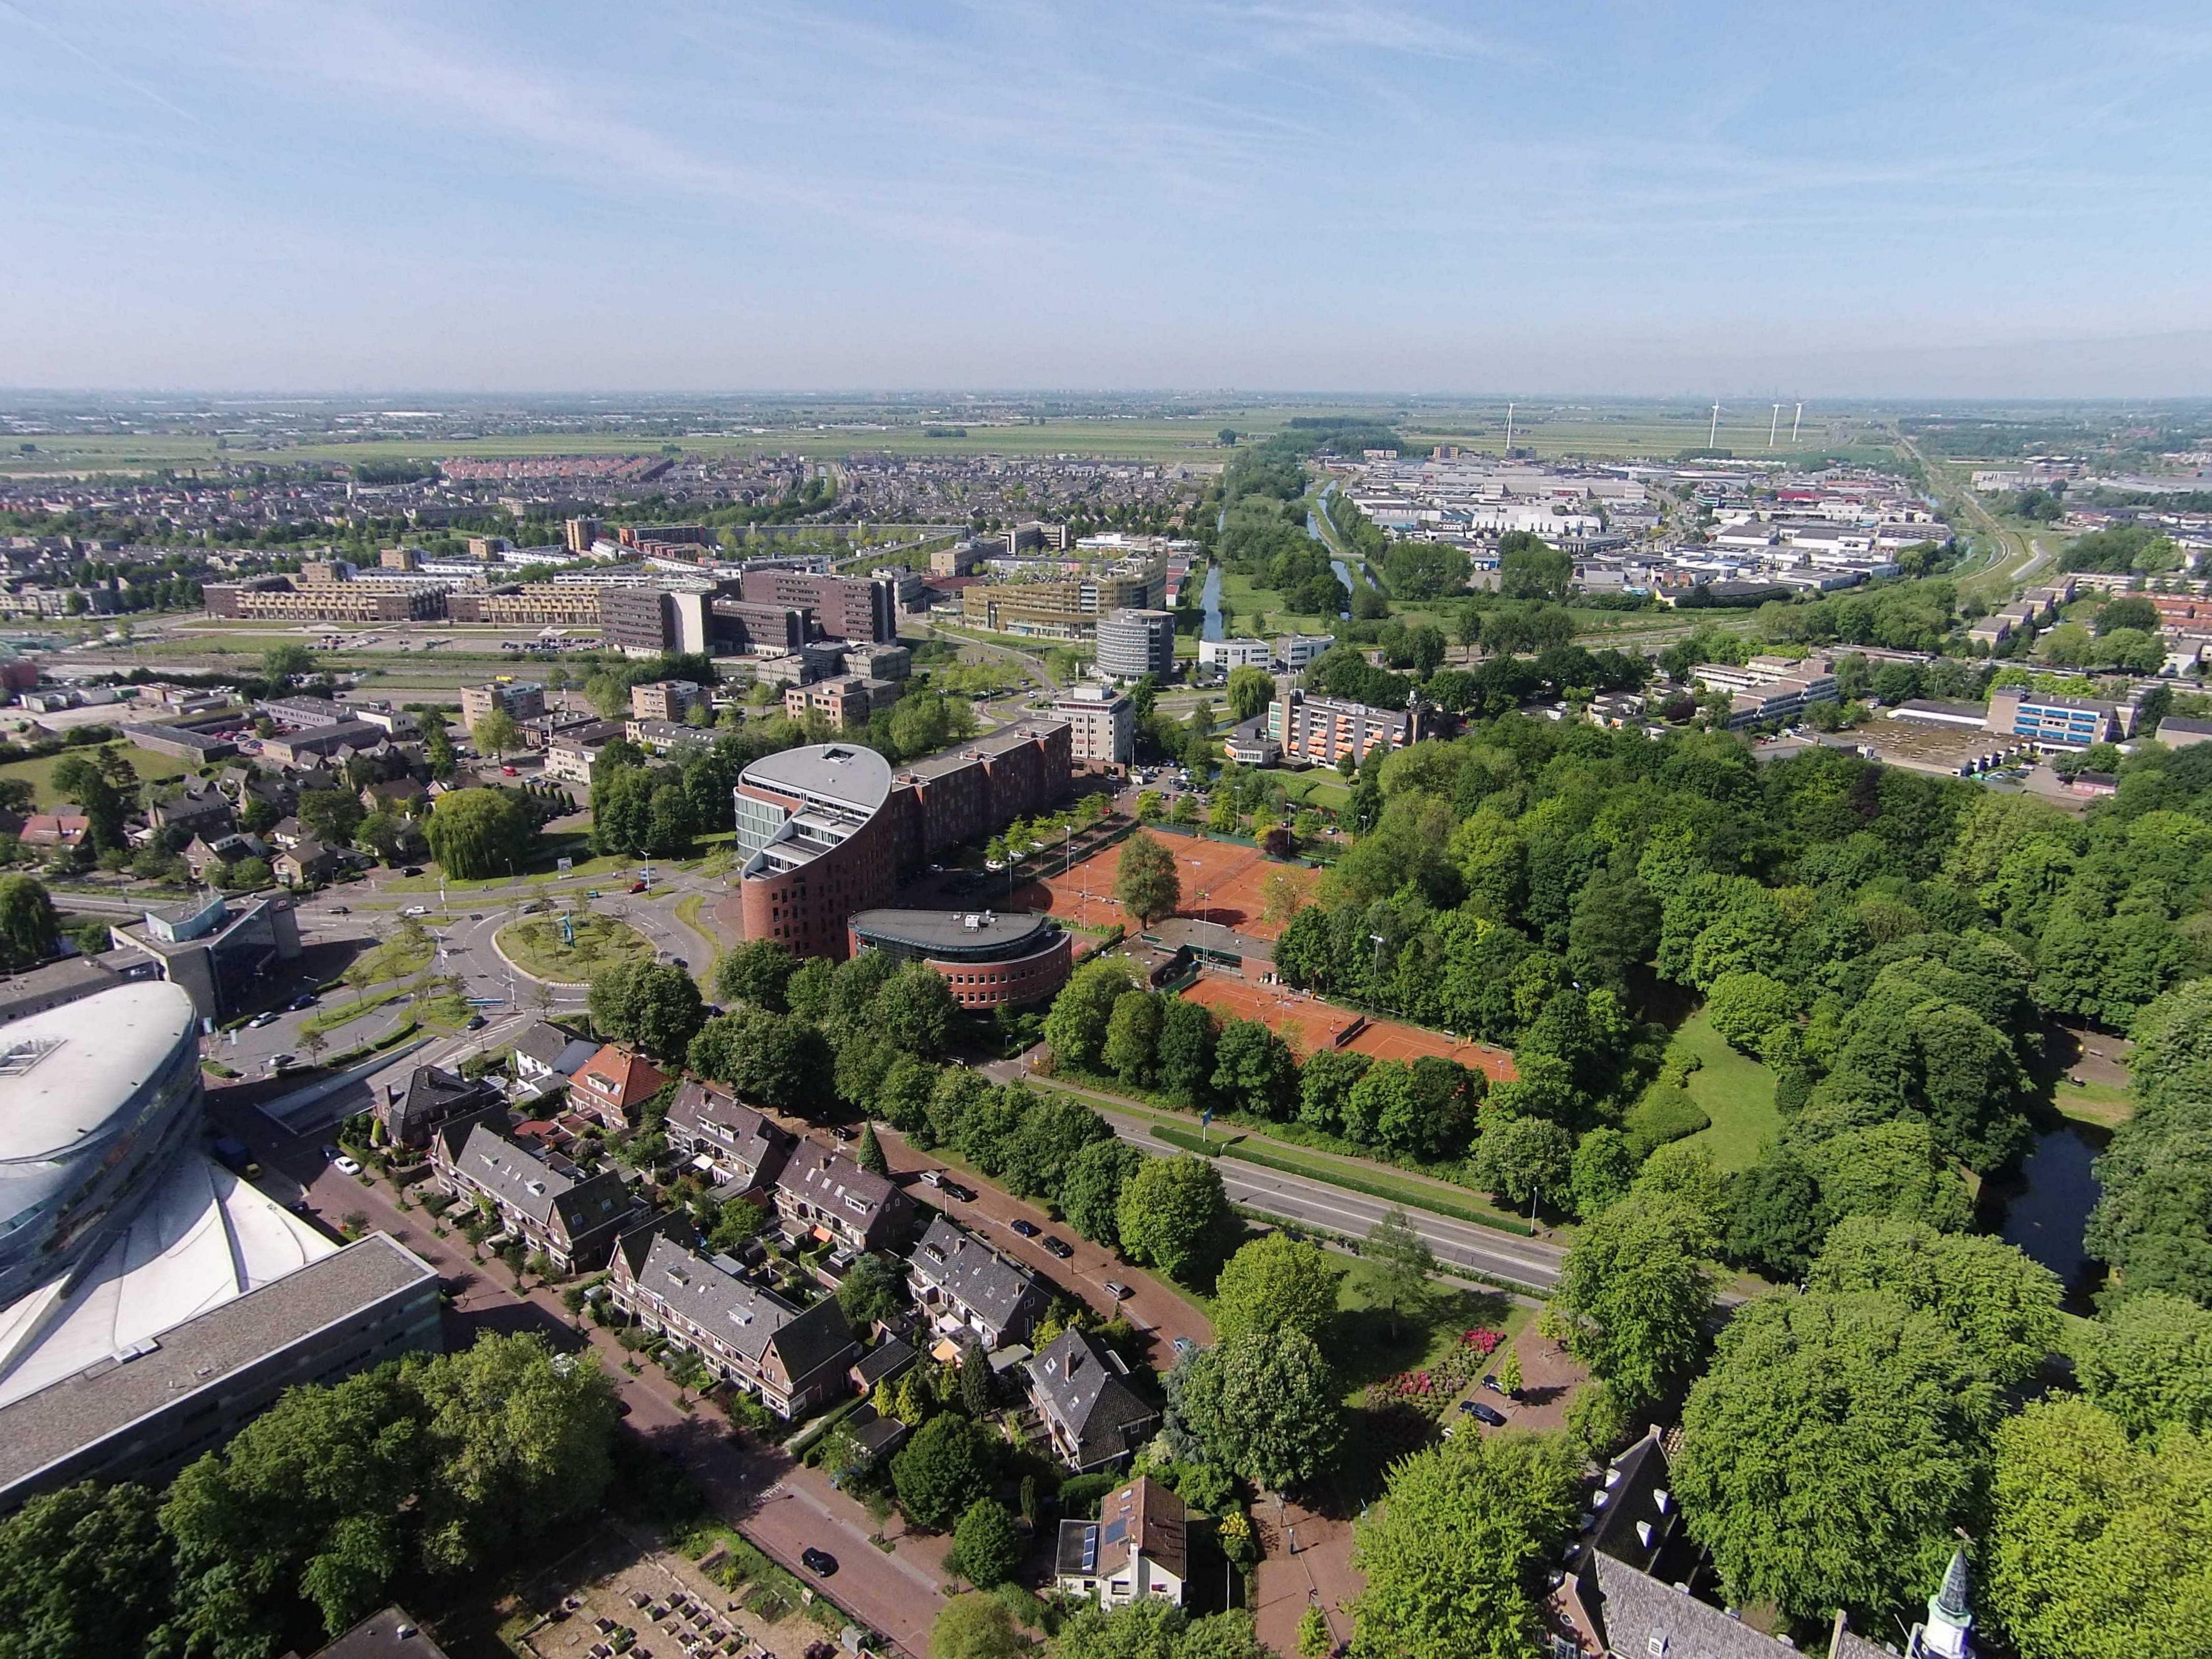 Uitzicht op het gemeente huis maar ook op de prins bernhardlaan luchtfotos - Uitzicht op de tuinman ...